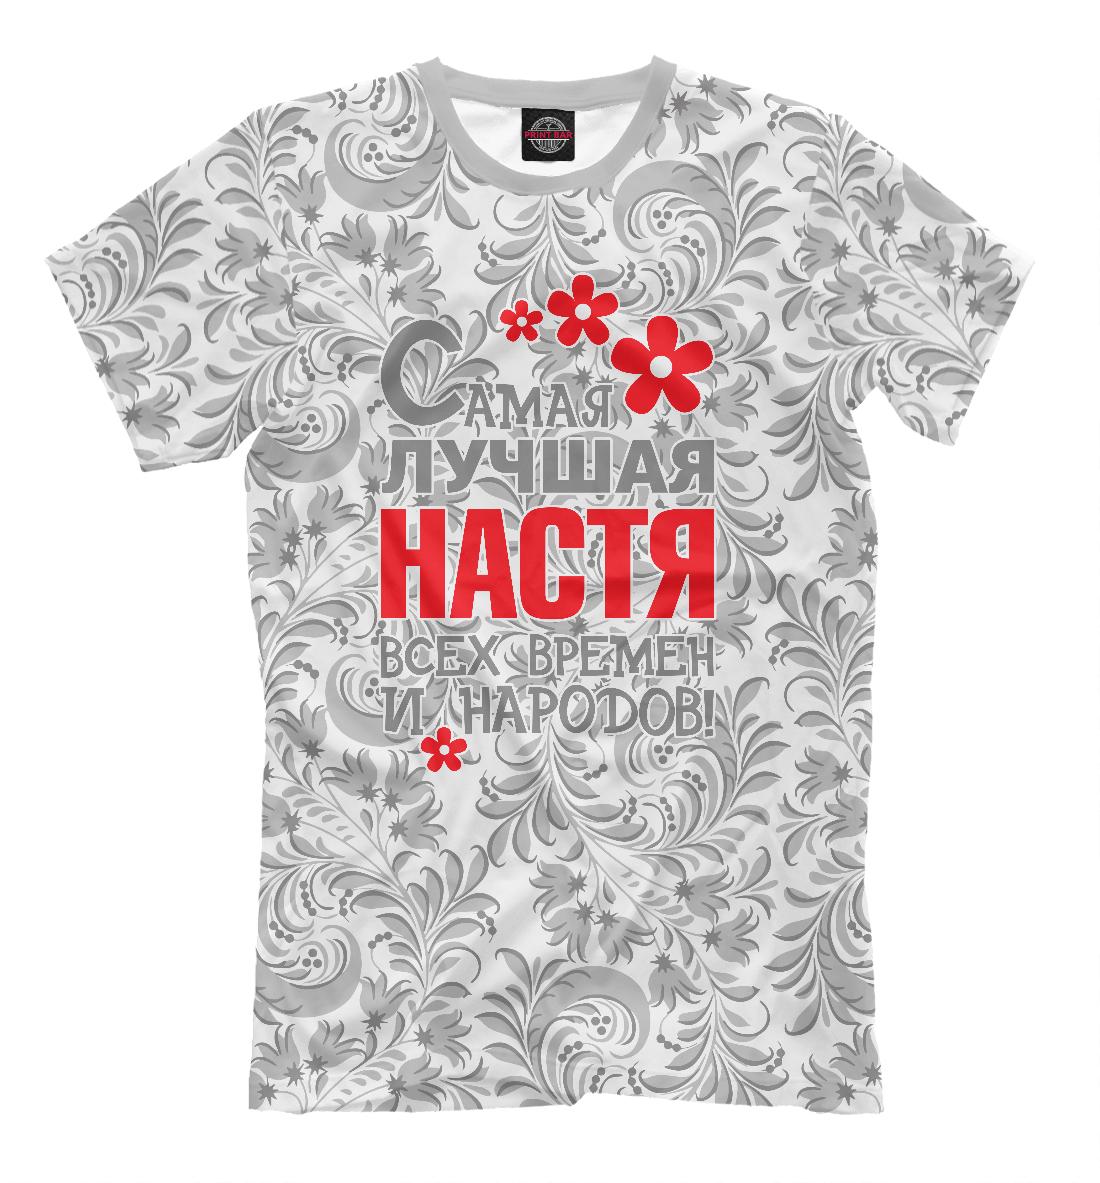 Купить Самая лучшая Настя, Printbar, Футболки, ANS-275021-fut-2